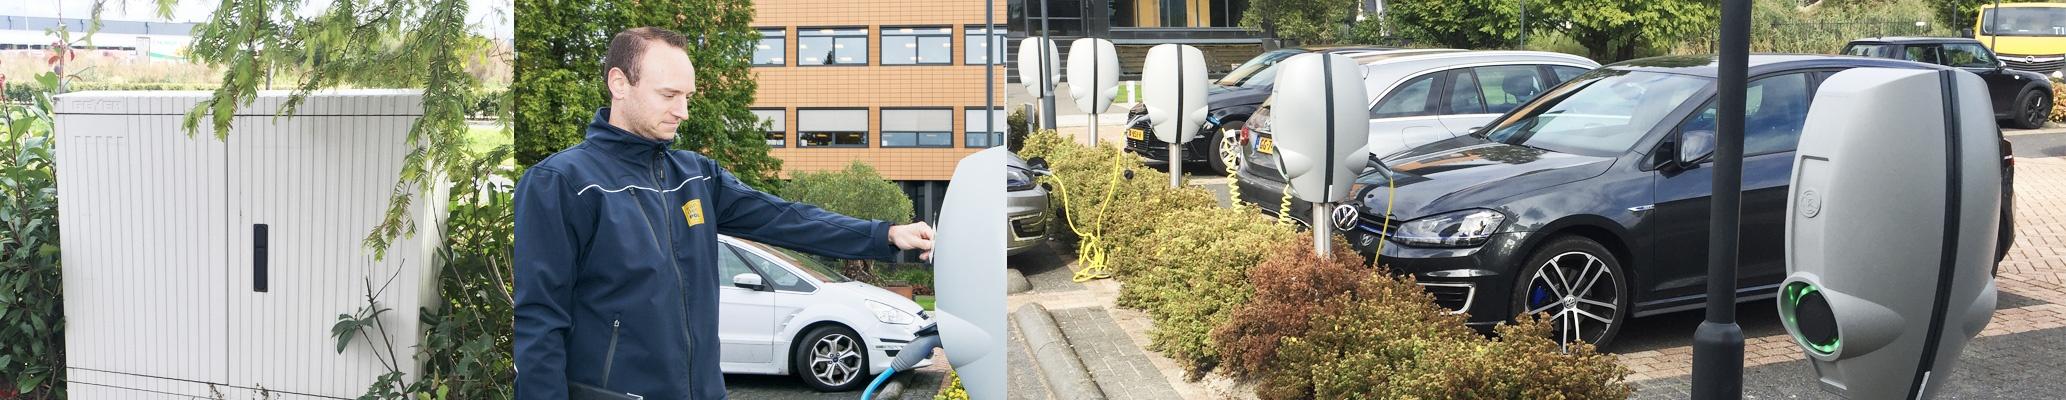 Van Den Pol Elektrotechniek evbox installateur maand